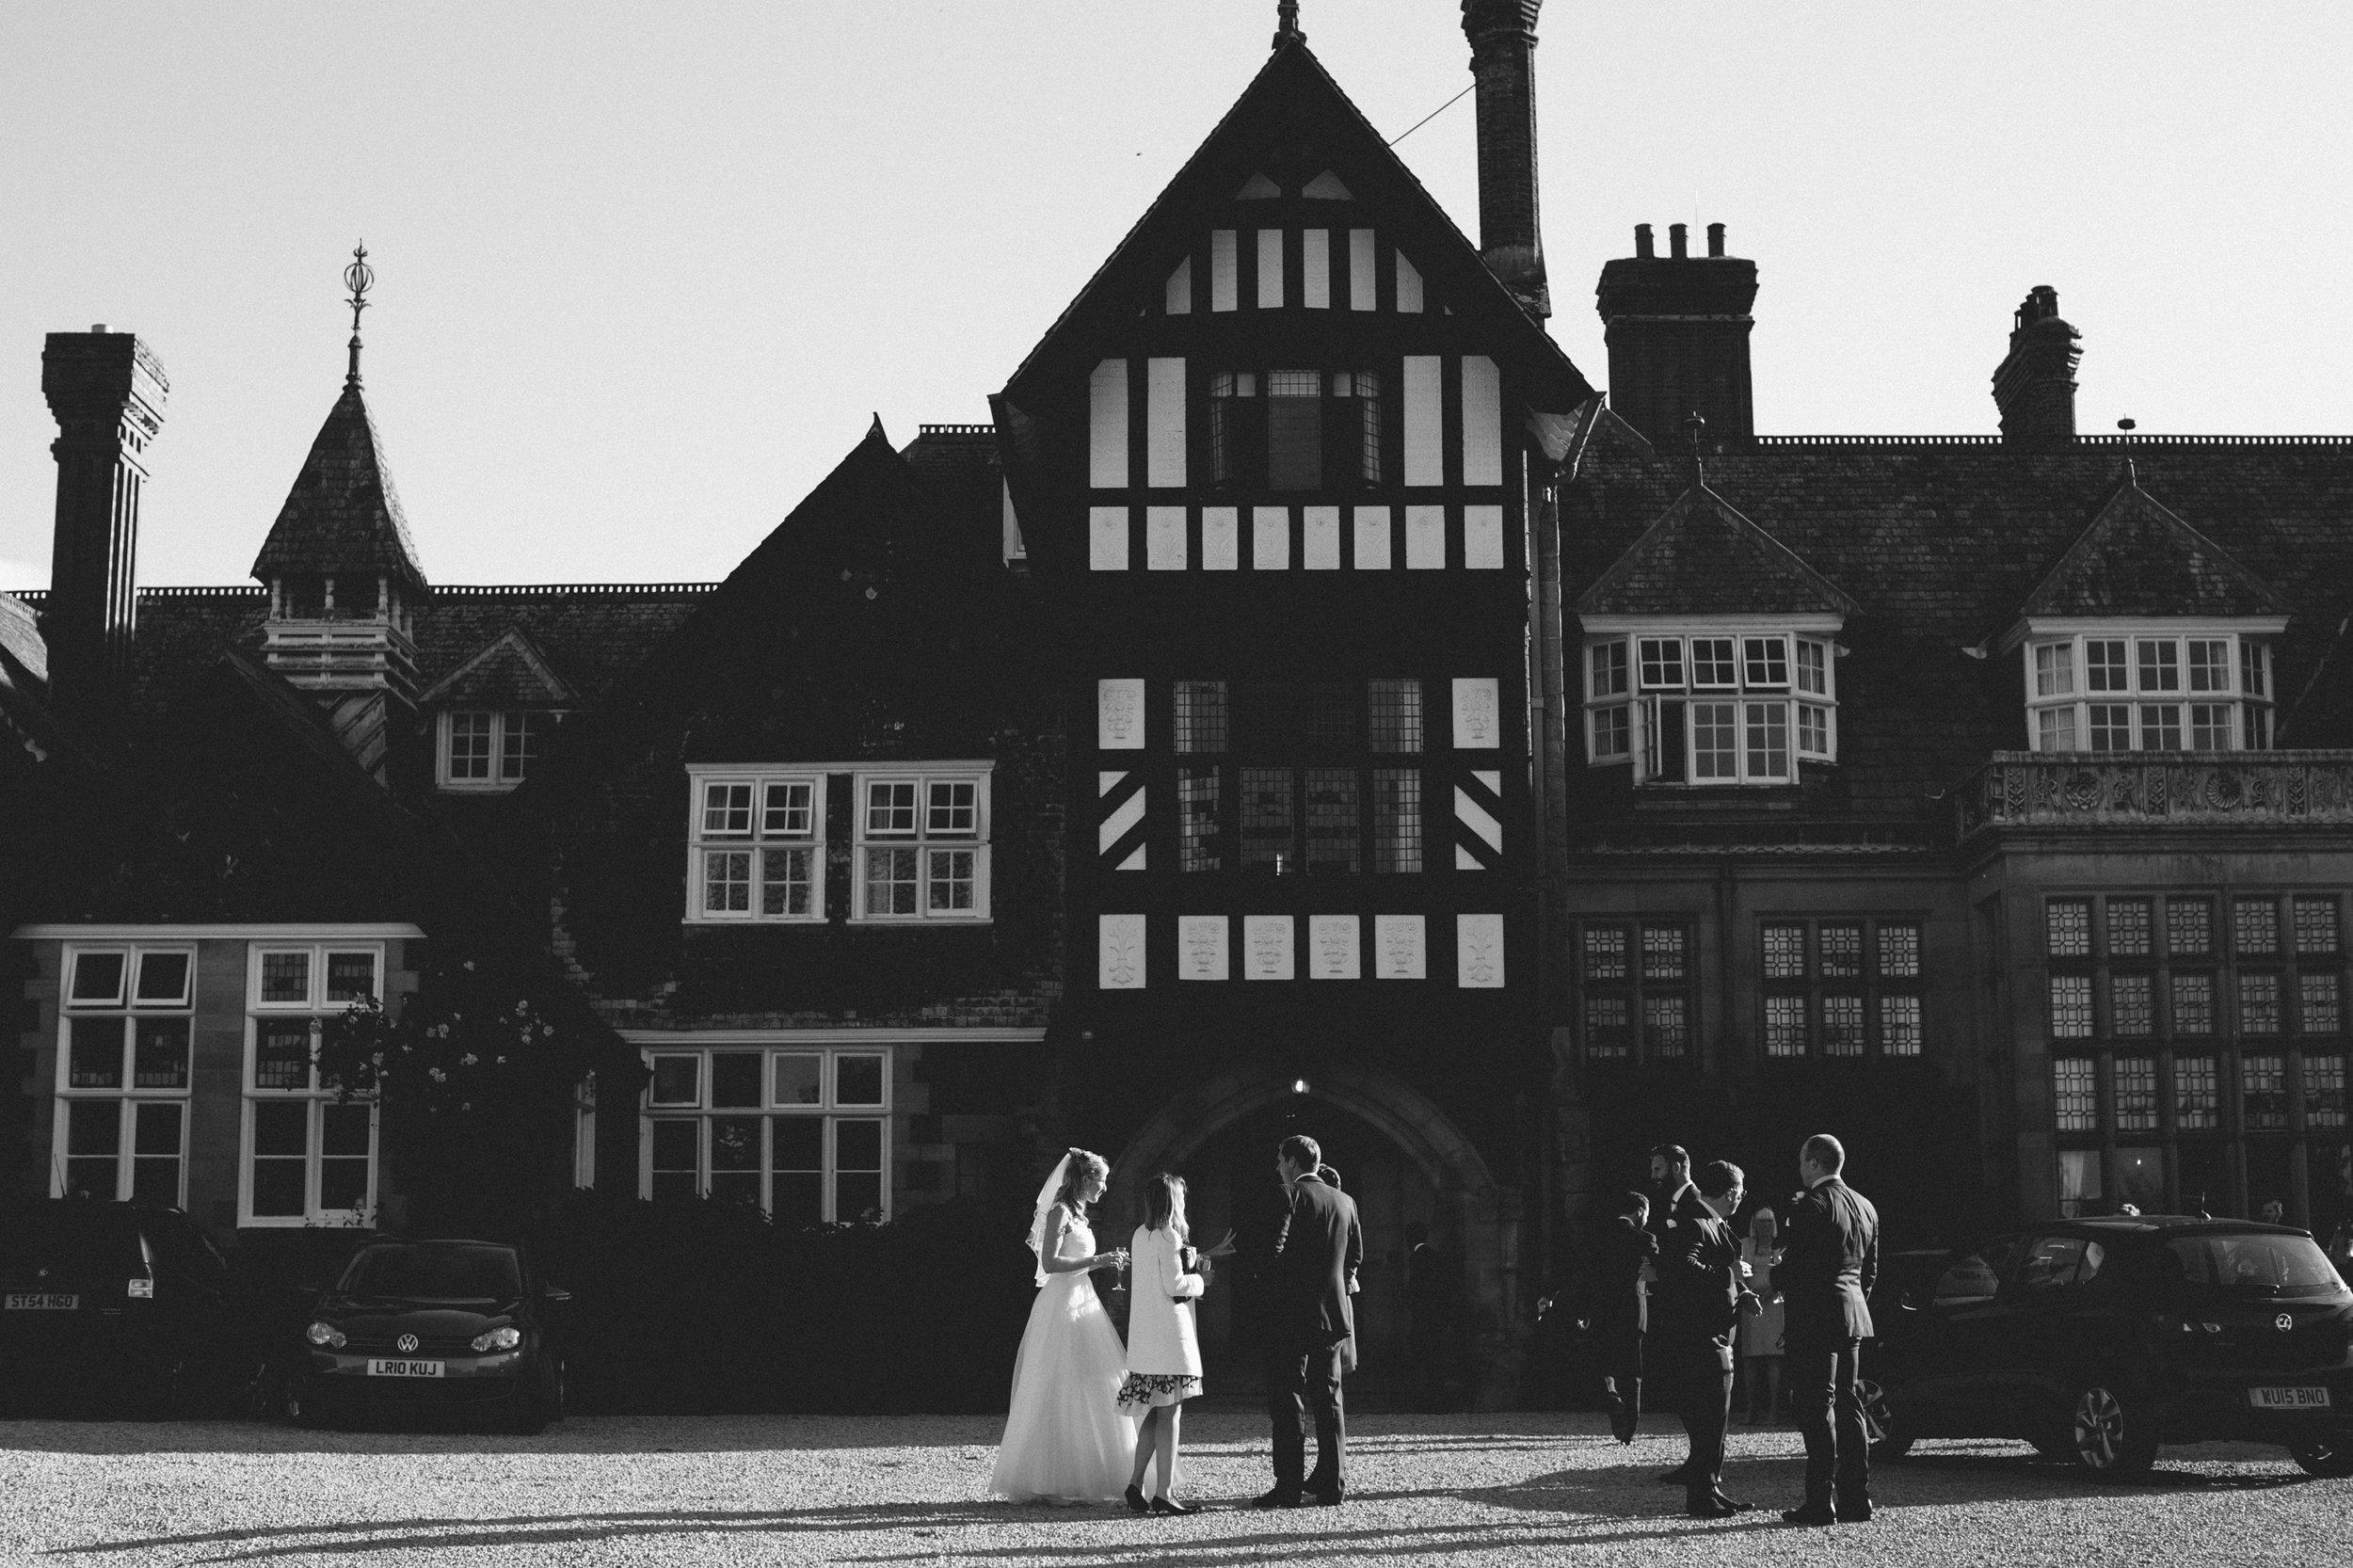 uk wedding photographer artistic wedding photography-89.jpg